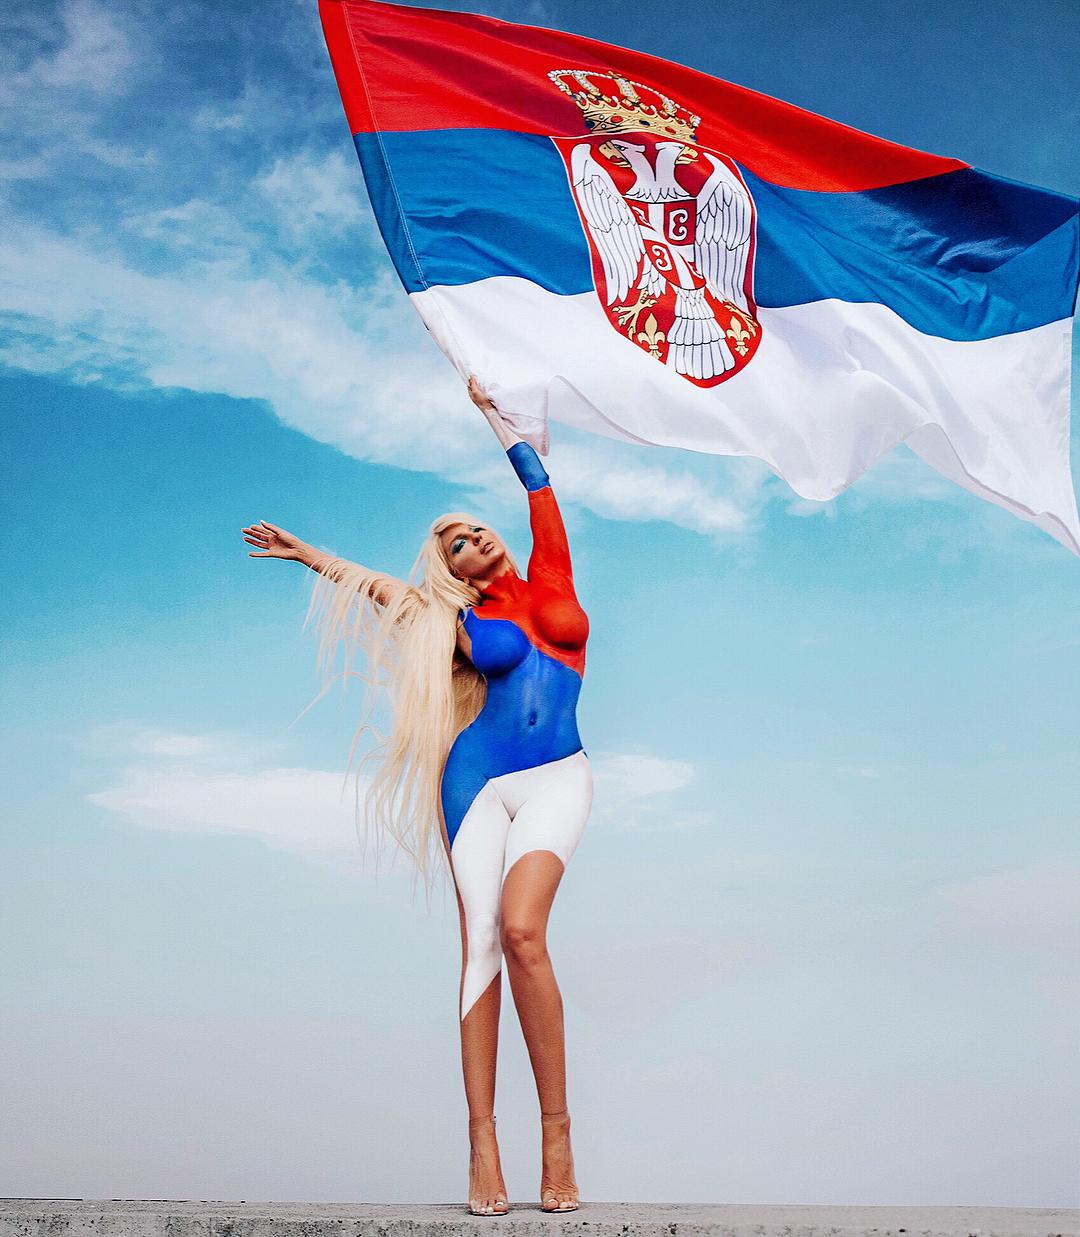 来劲了!中超外援熟妻裸涂国旗助威塞尔维亚